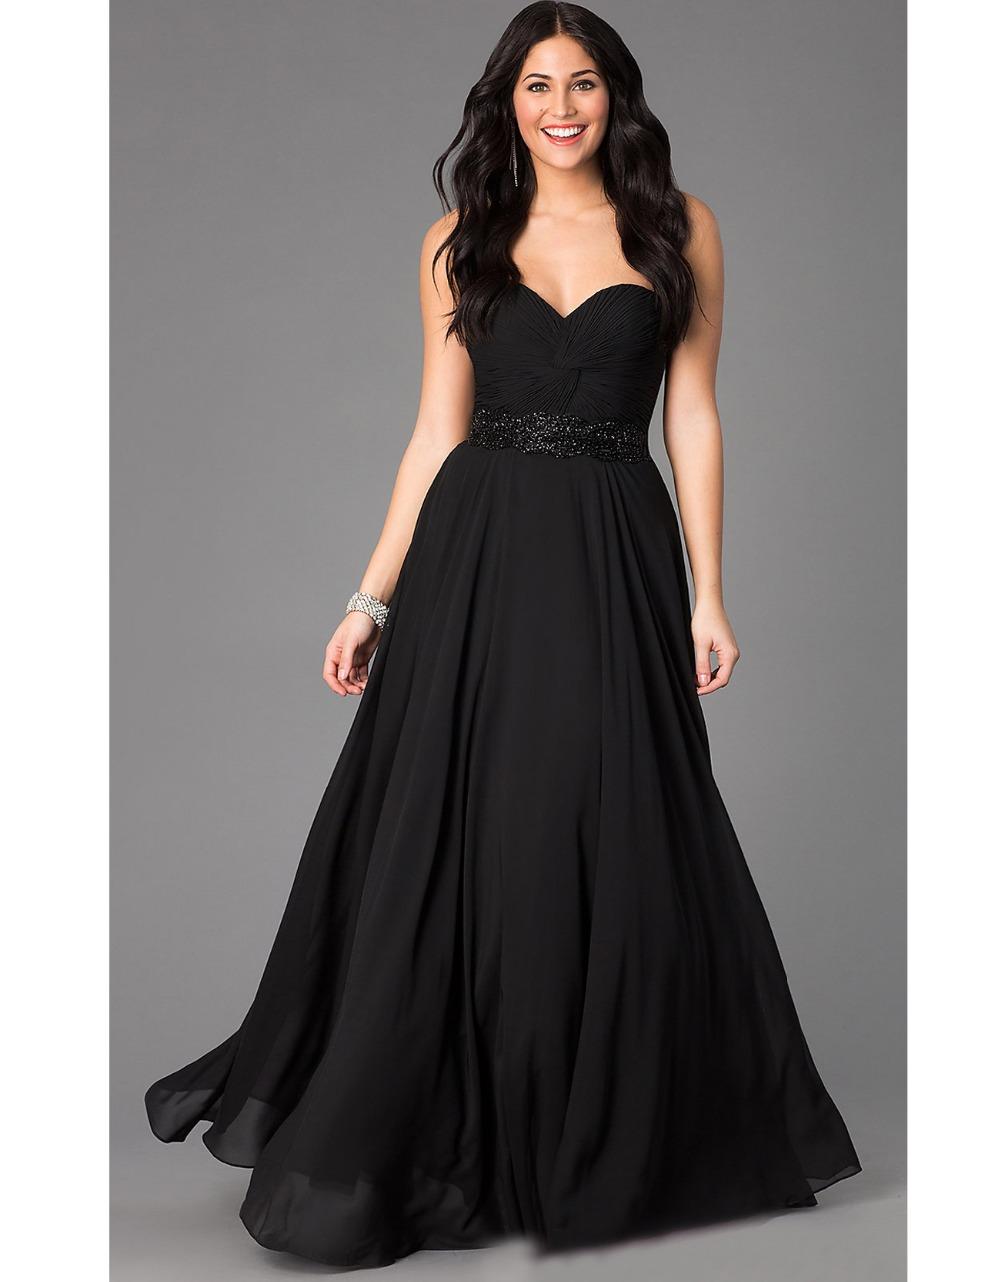 rcbzrcbz: 2 Piece Plus size prom clothes